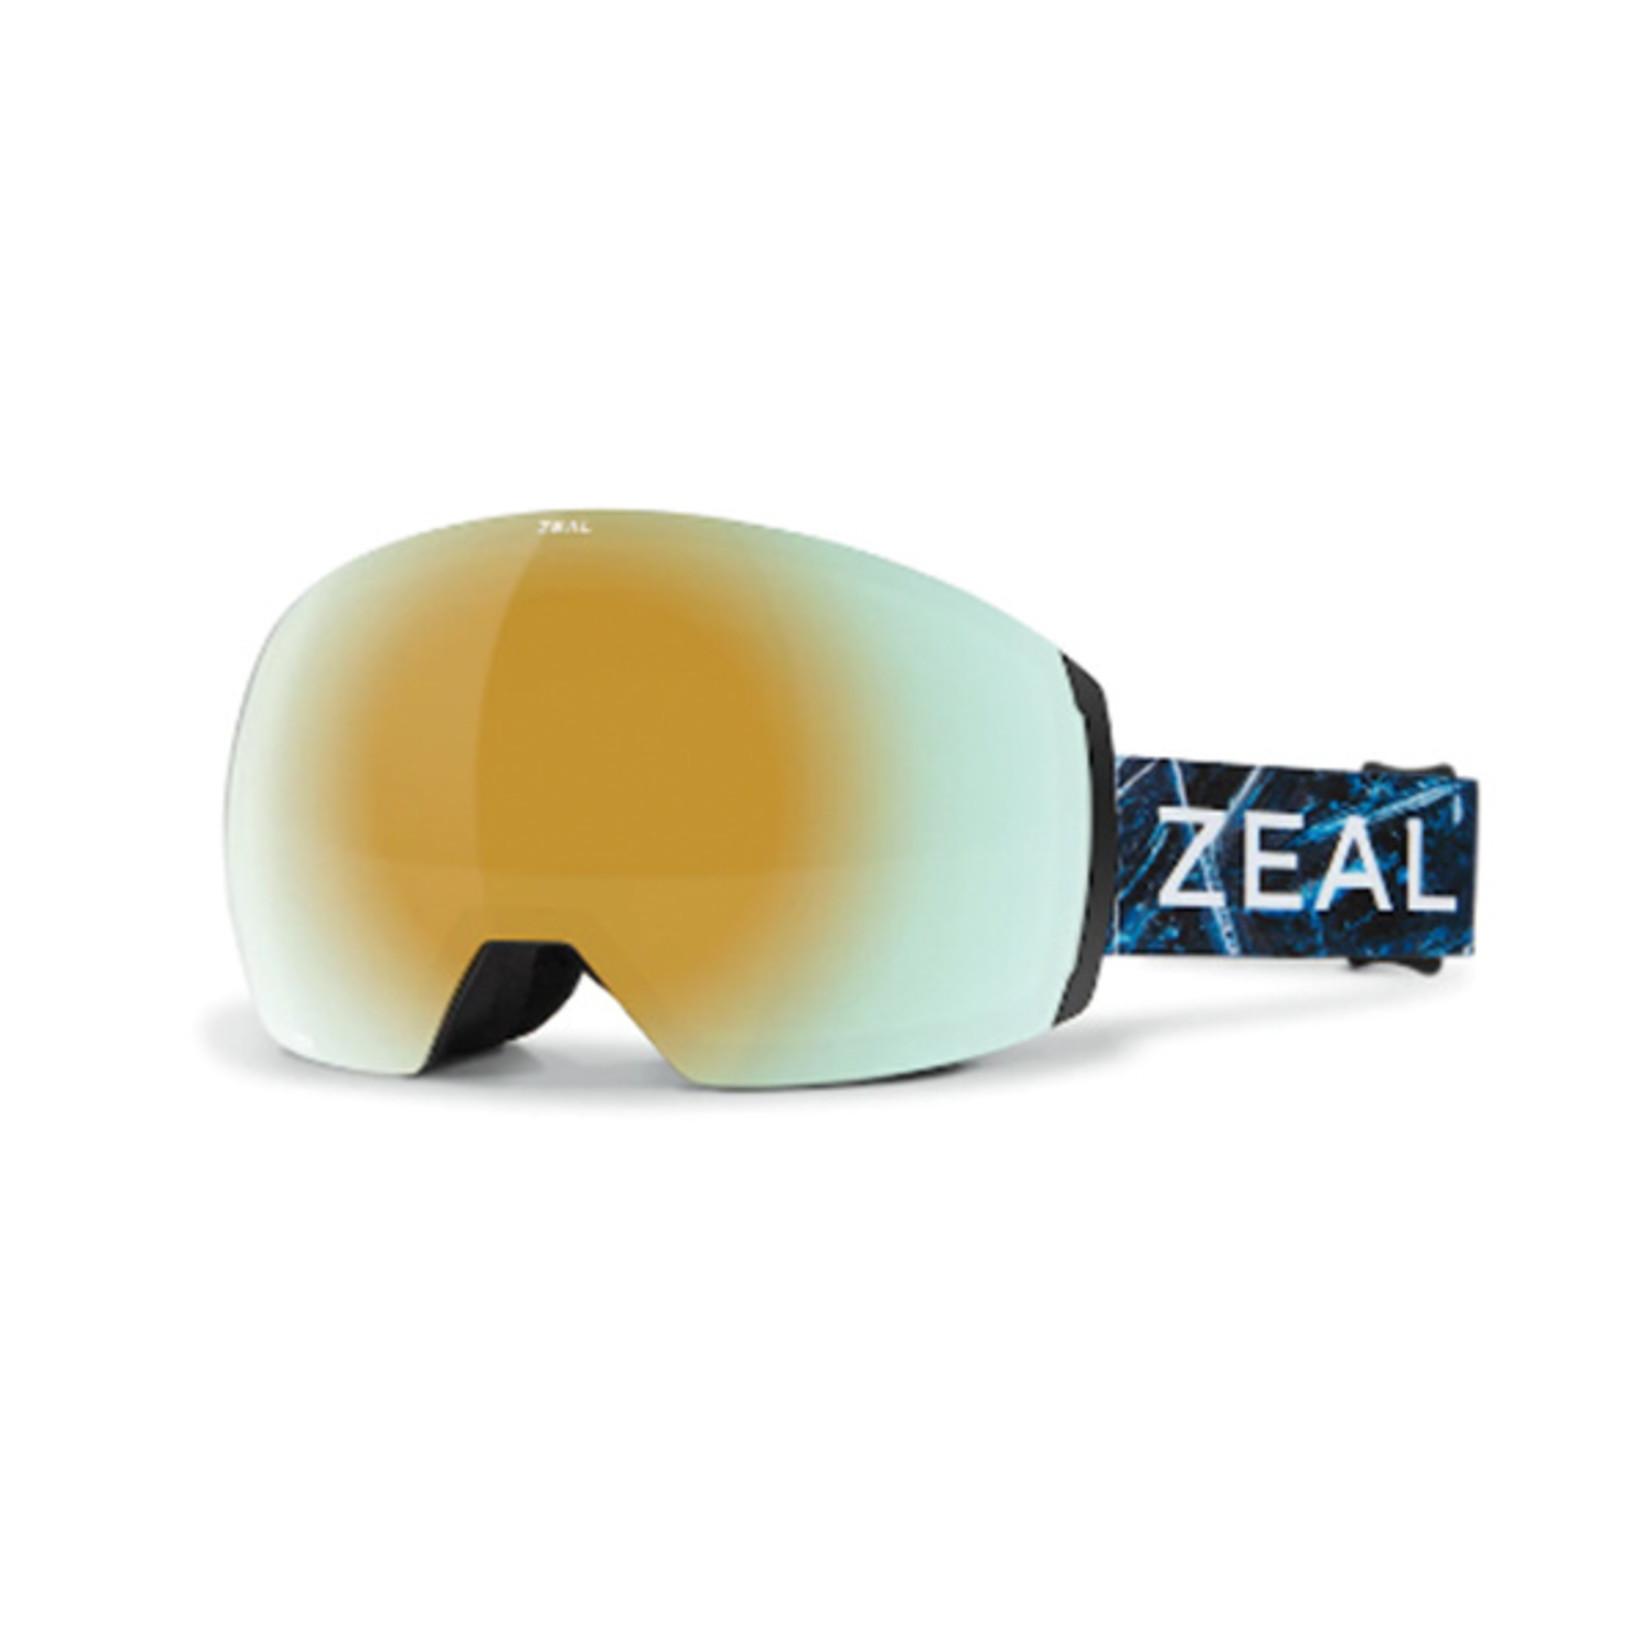 Zeal Optics Portal XL